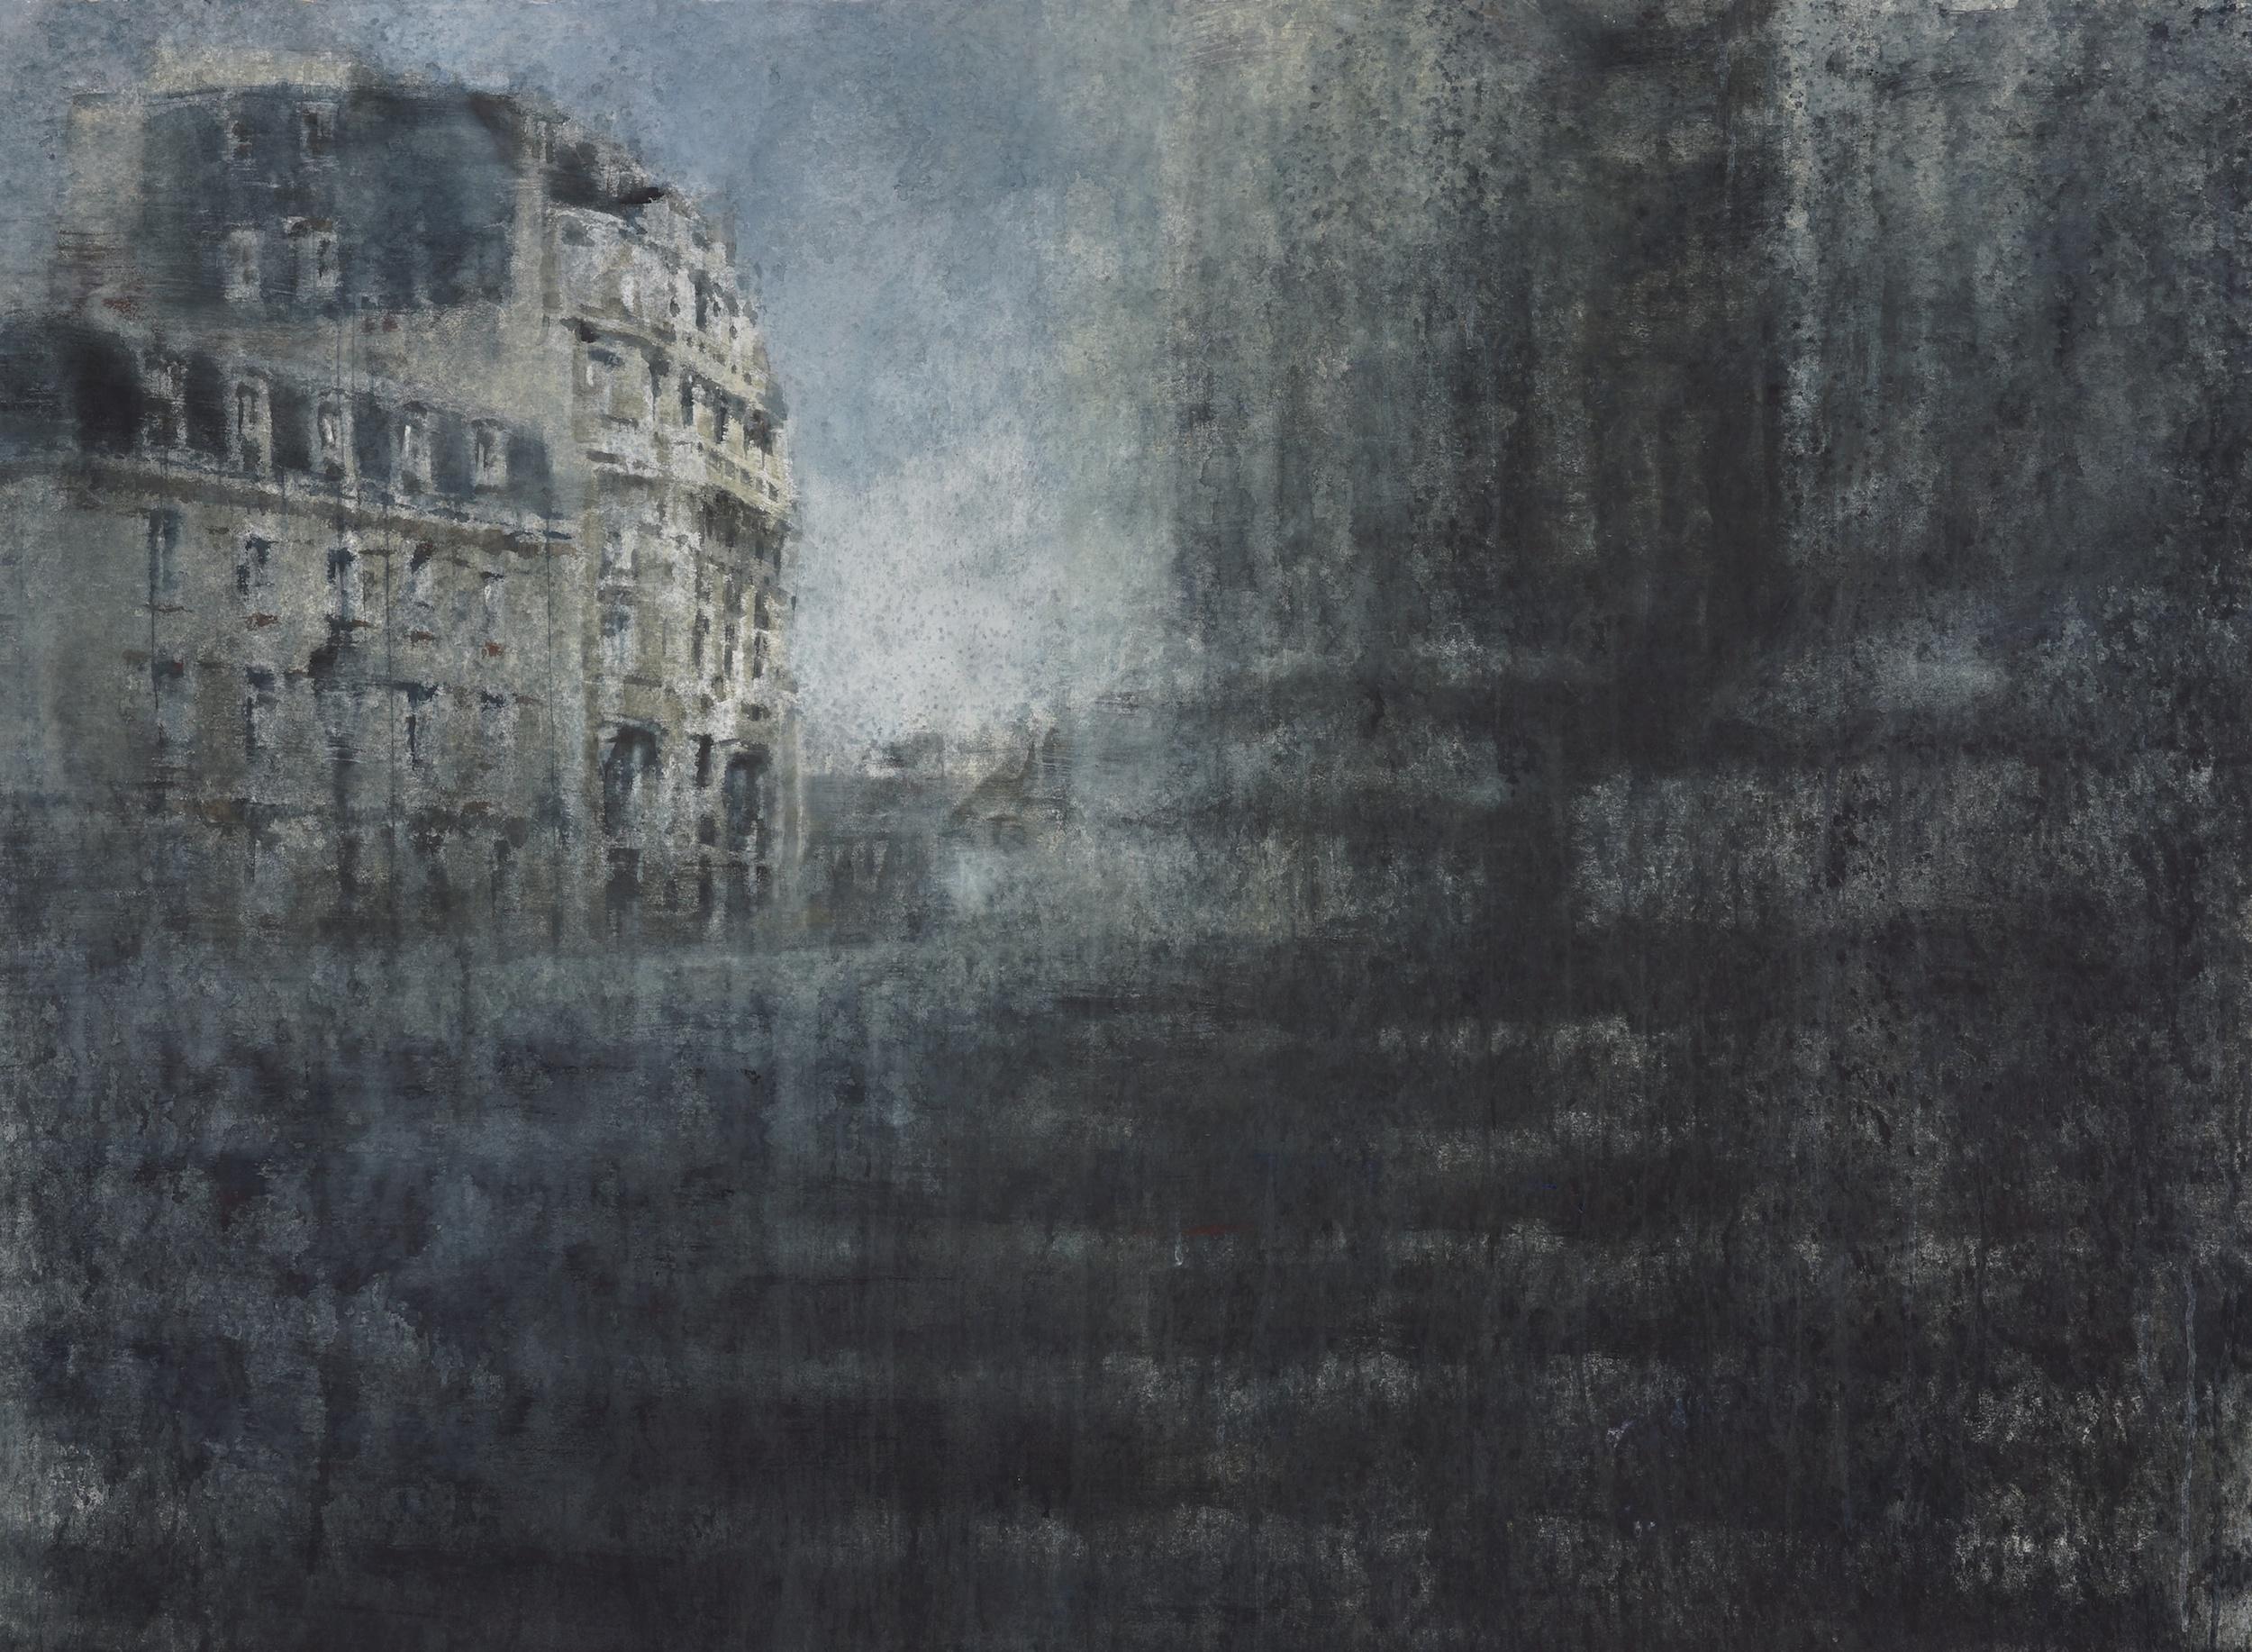 Paris II, 2017